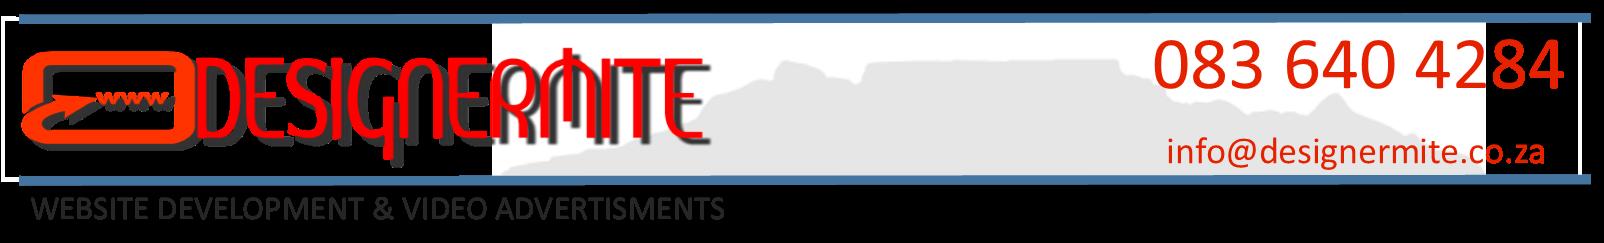 Designermite – Web Design and Video Adverts